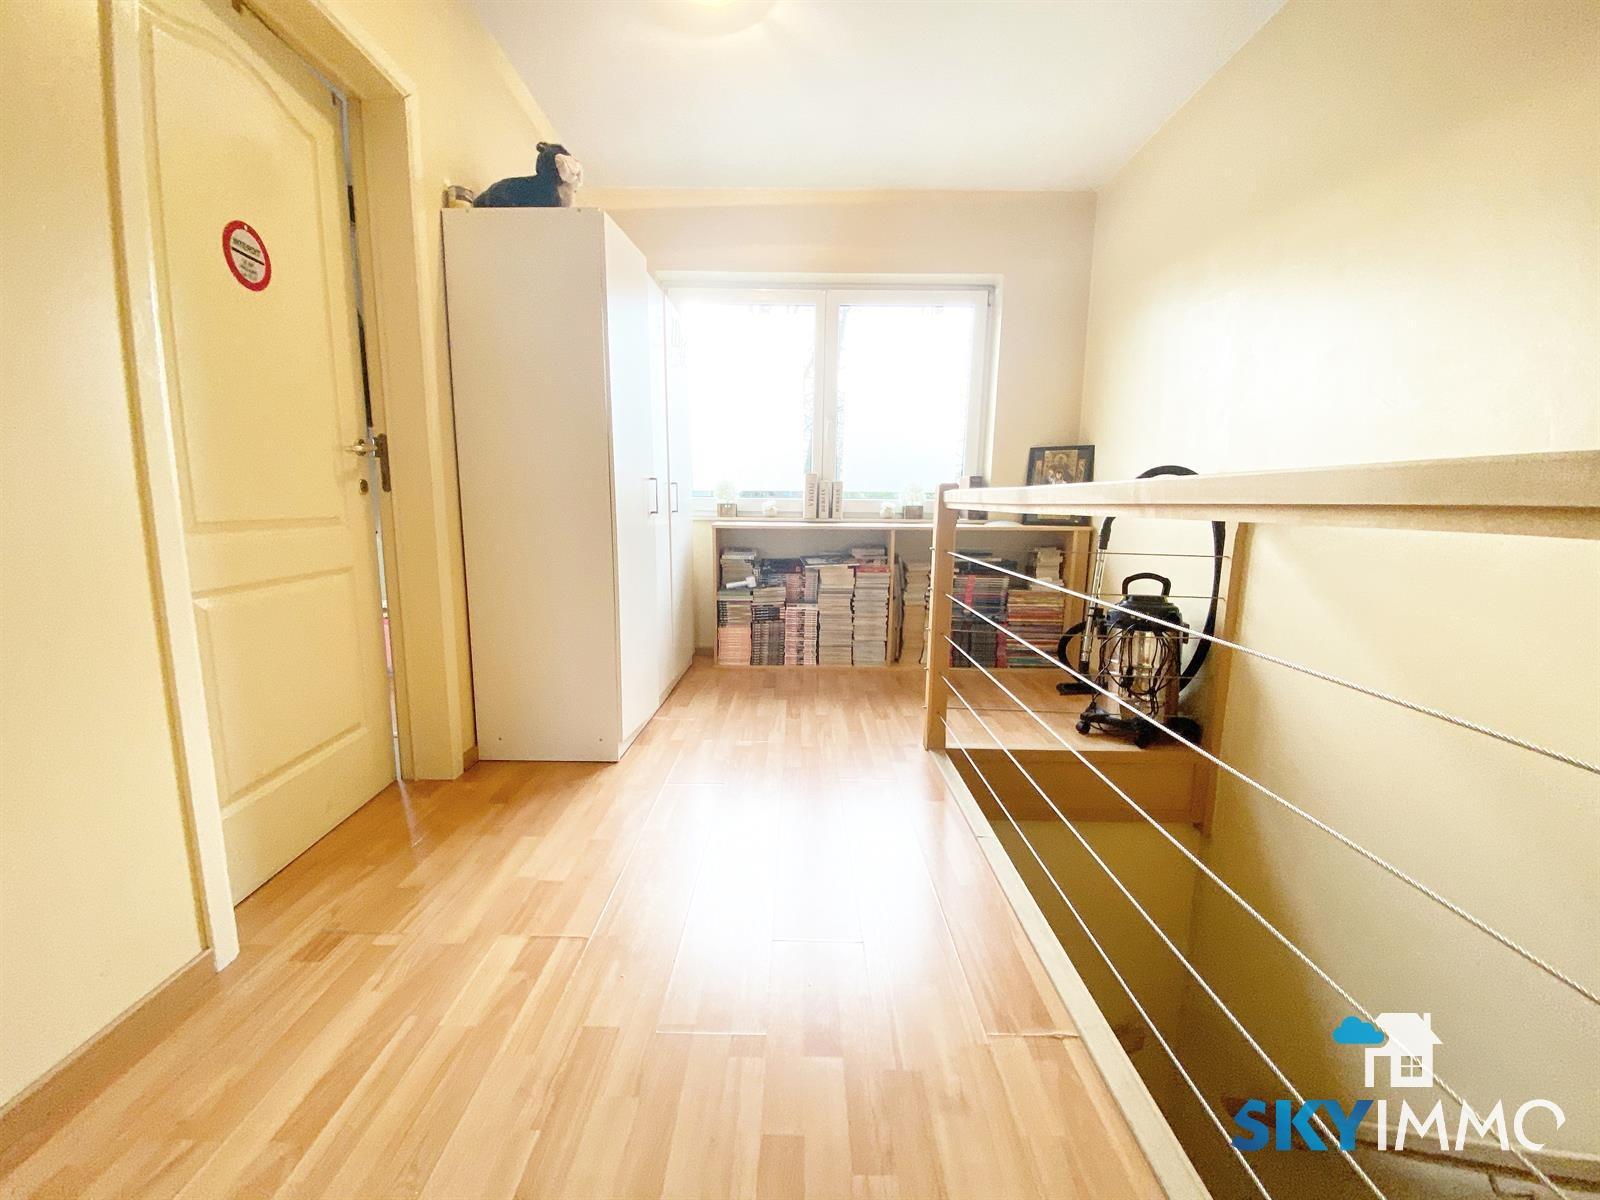 Maison - Liege - #4314599-17